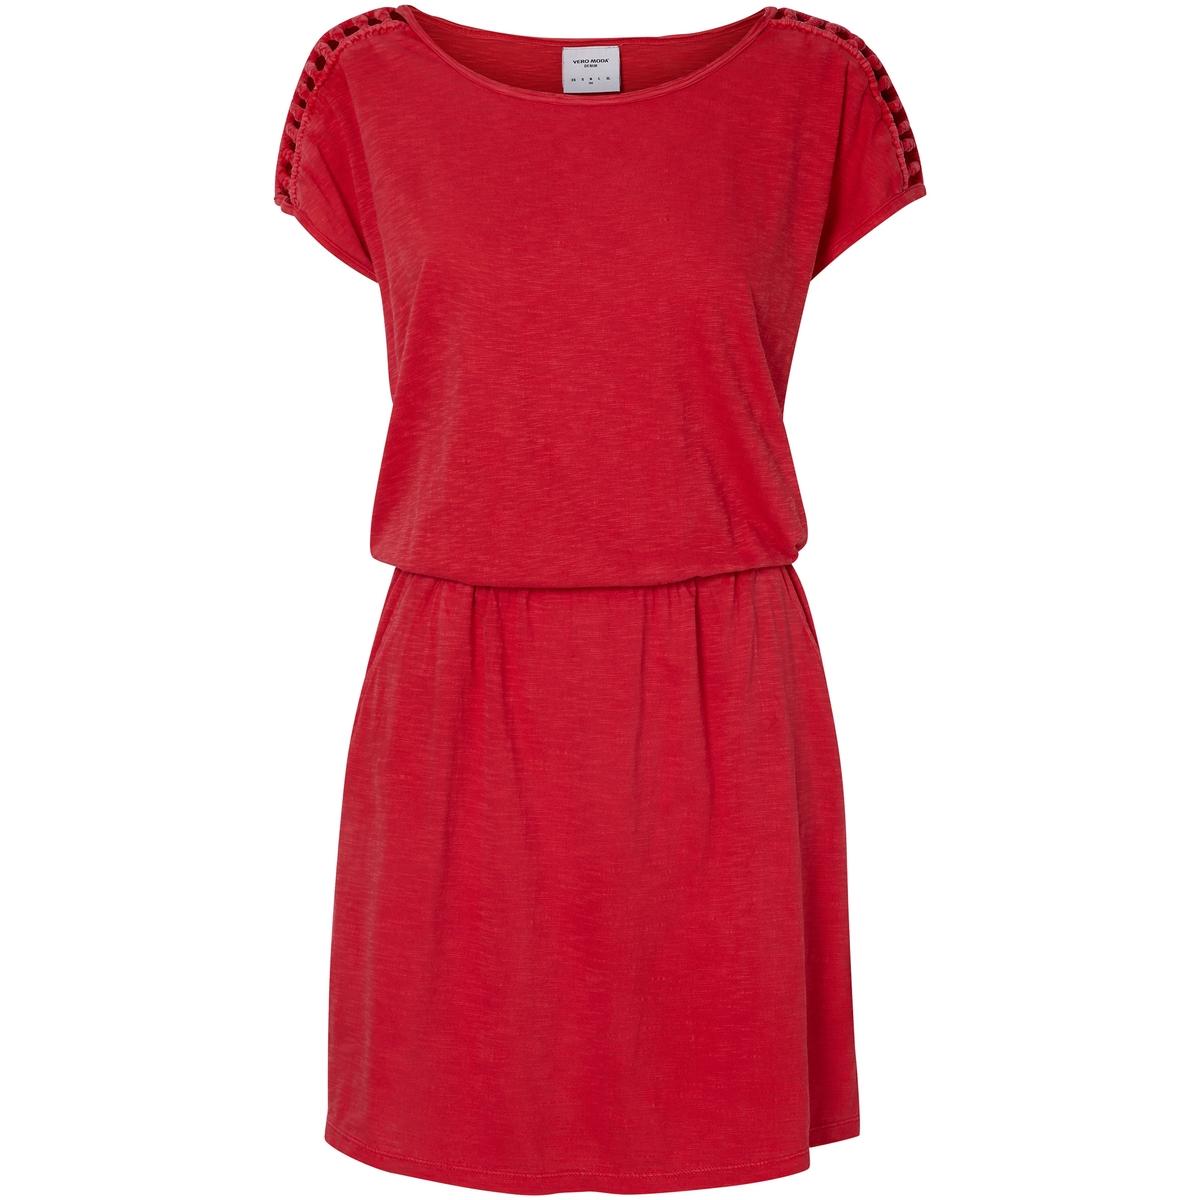 Платье короткое с короткими рукавамиМатериал : 100% хлопок   Длина рукава : короткие рукава  Особенность пояса : эластичный пояс  Форма воротника : V-образный вырез  Покрой платья : расклешенное платье  Рисунок : однотонная модель    Длина платья : до колен<br><br>Цвет: желтый<br>Размер: XL